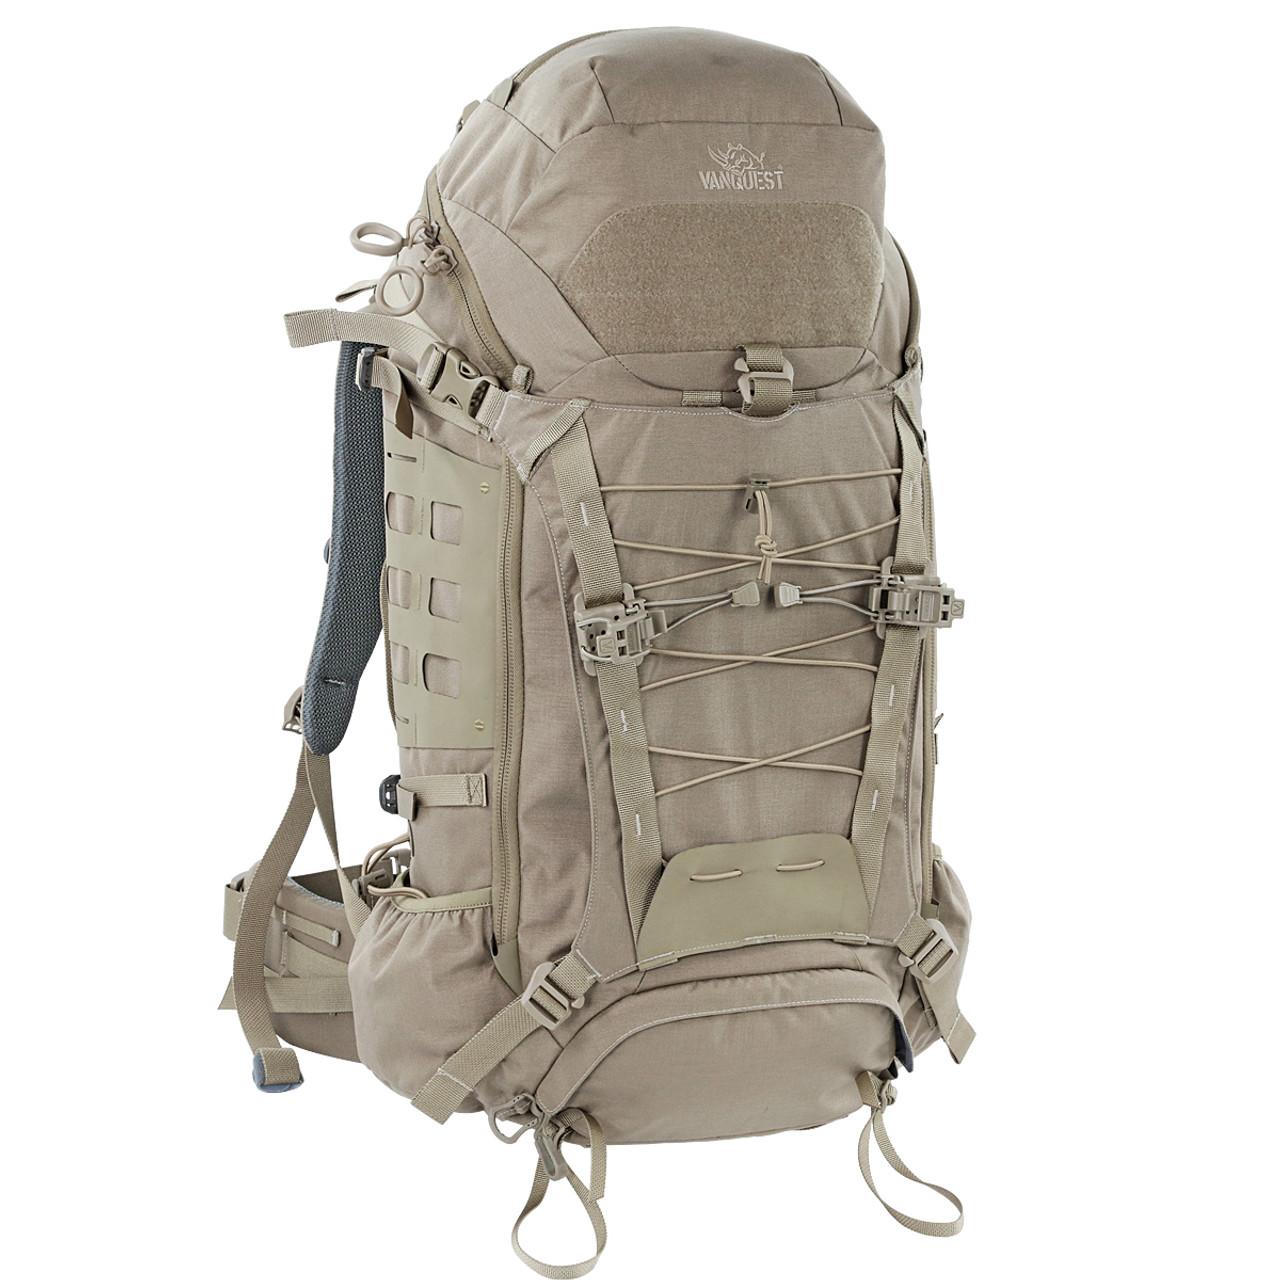 ca6a03a04b6c MARKHOR-45 Backpack - VANQUEST: TOUGH-BUILT GEAR